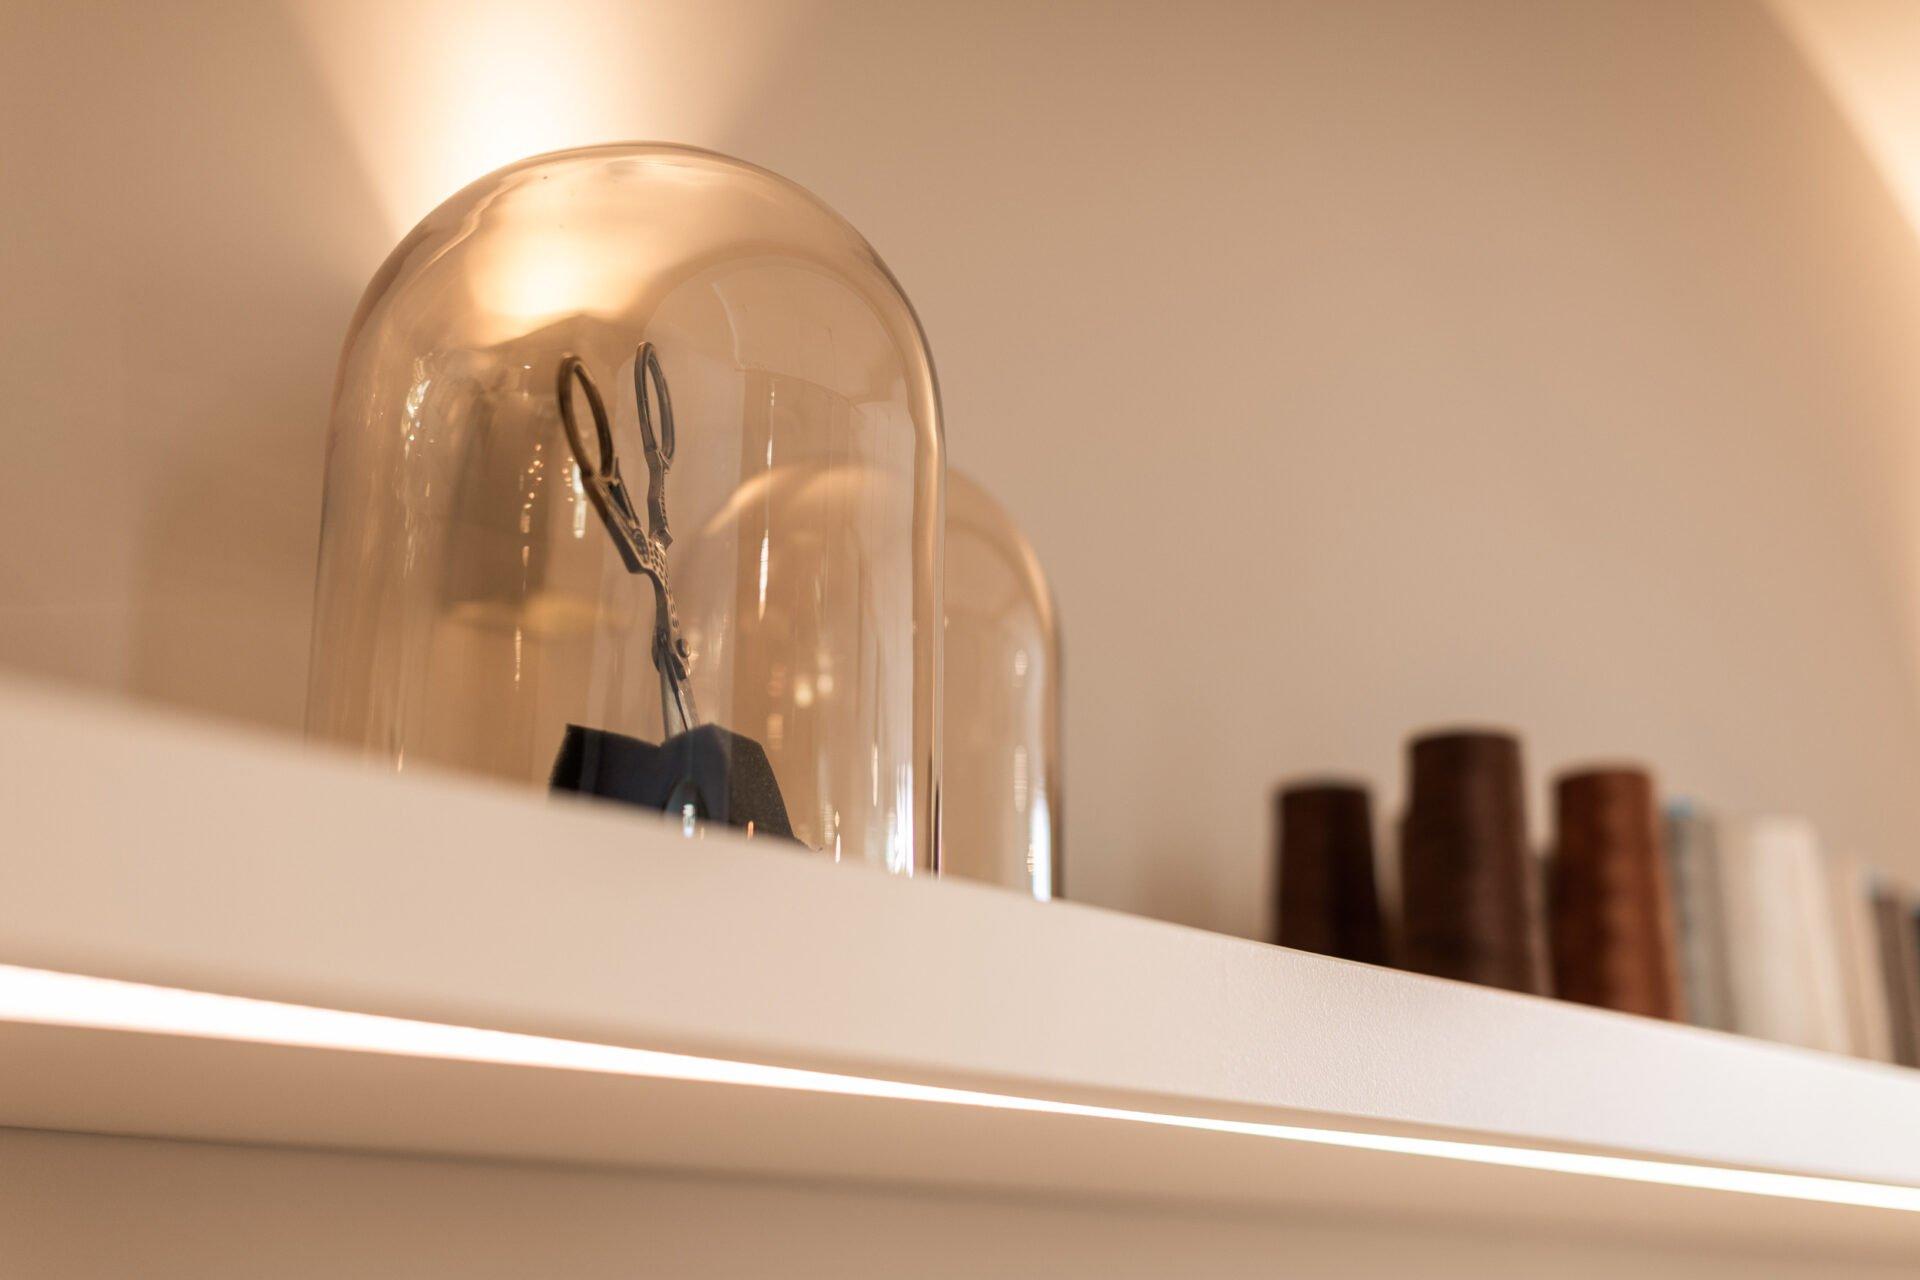 interior design sewing boutique scissors